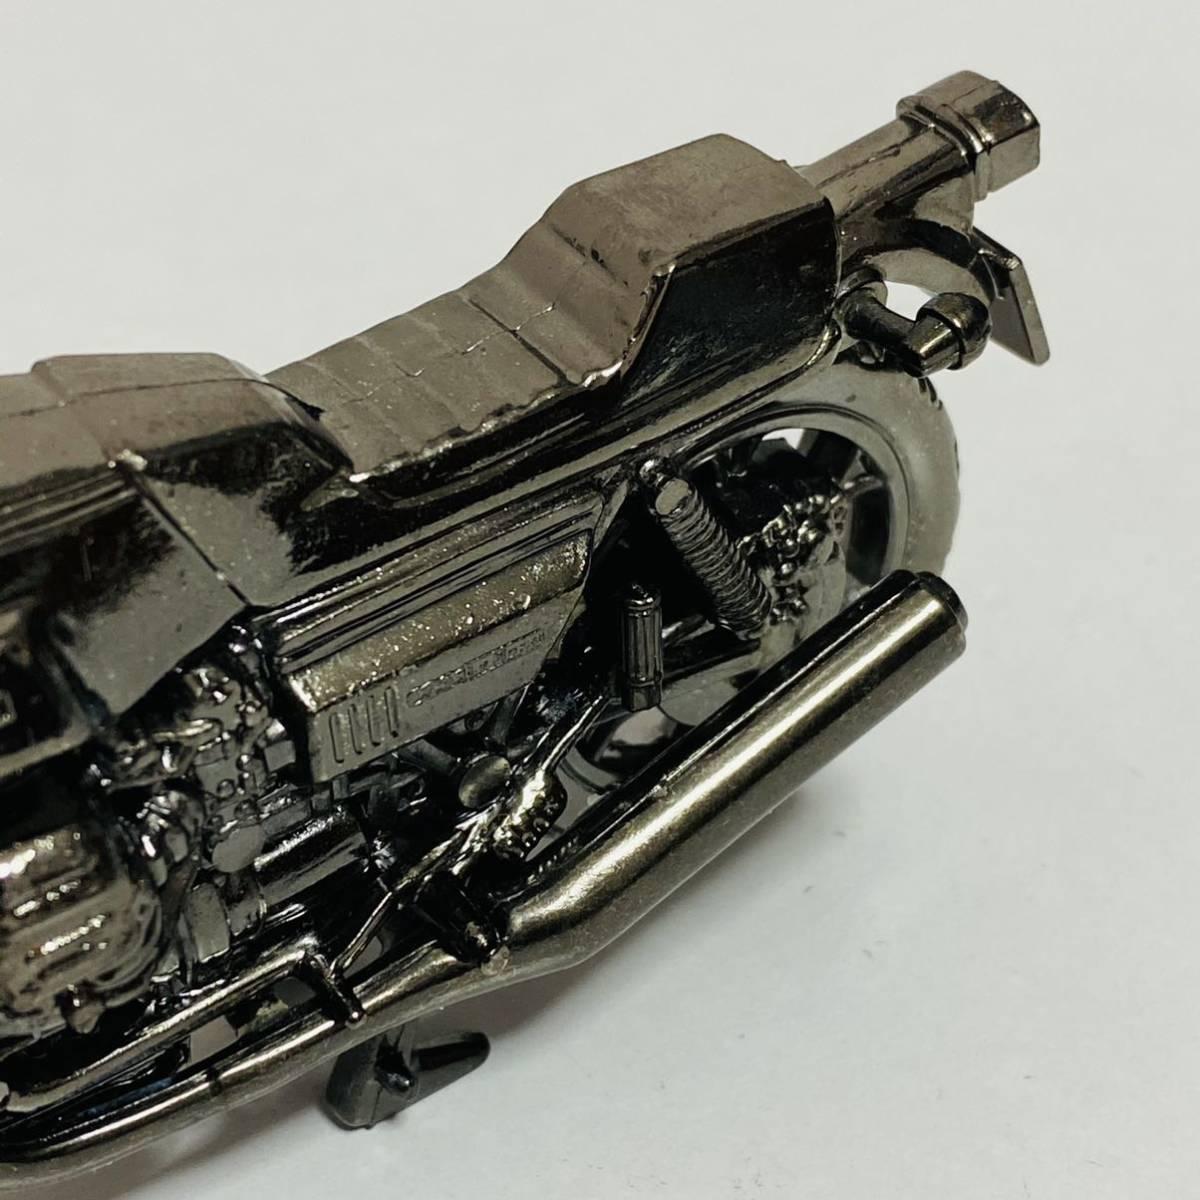 【美品】レッドバロン 世界の名車シリーズ VOL.22 MOTO GUZZI 850 Le Mans オートバイ バイク 希少 レア_画像4